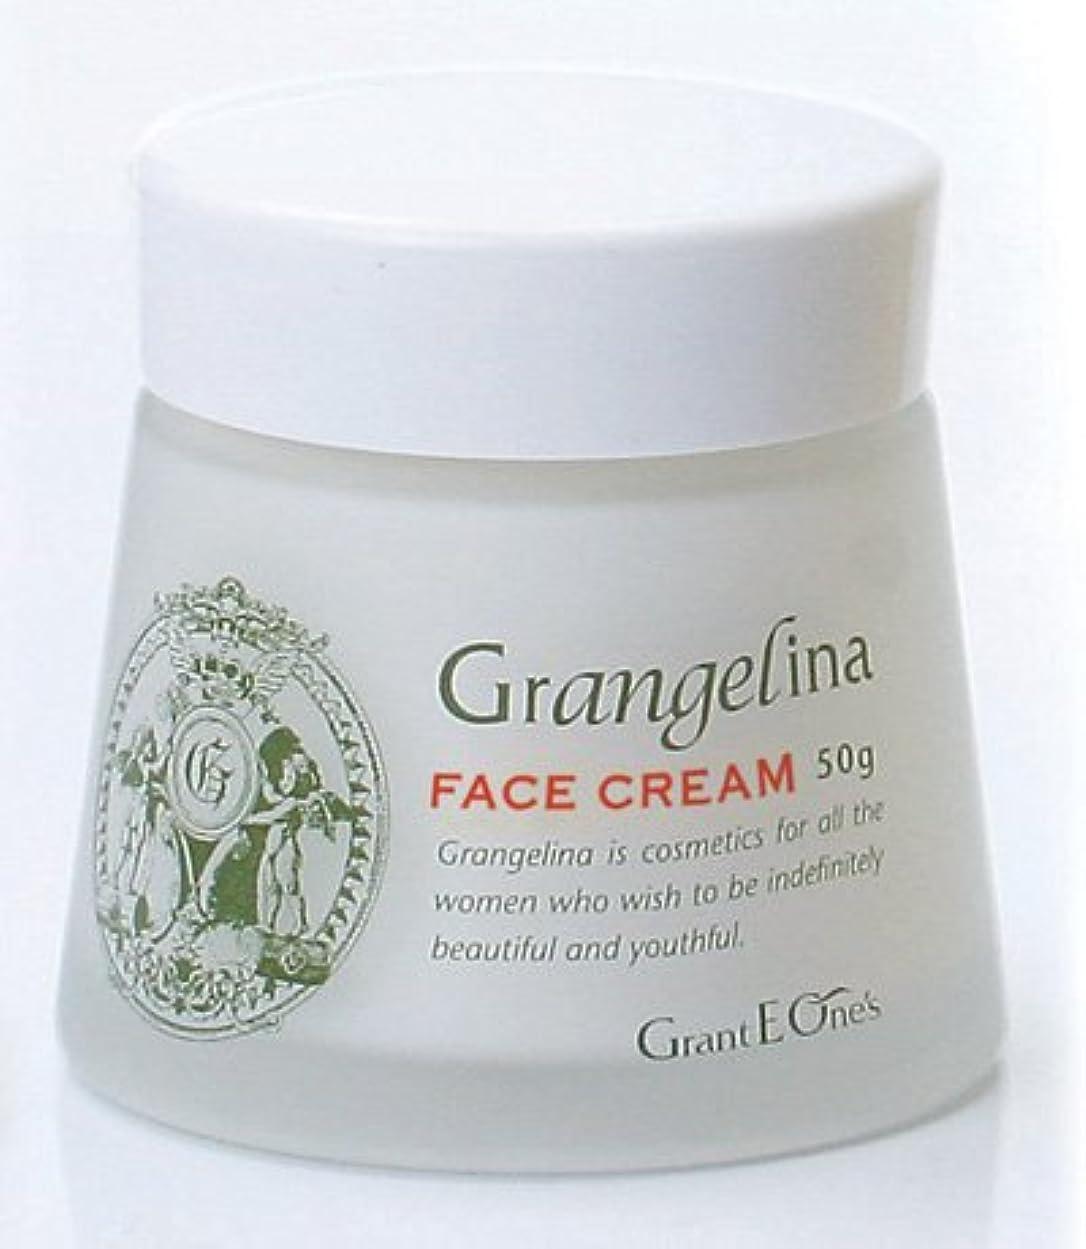 ヒップヒューム発見するGrangelina グランジェリーナ フェイスパック(保湿クリーム)50g